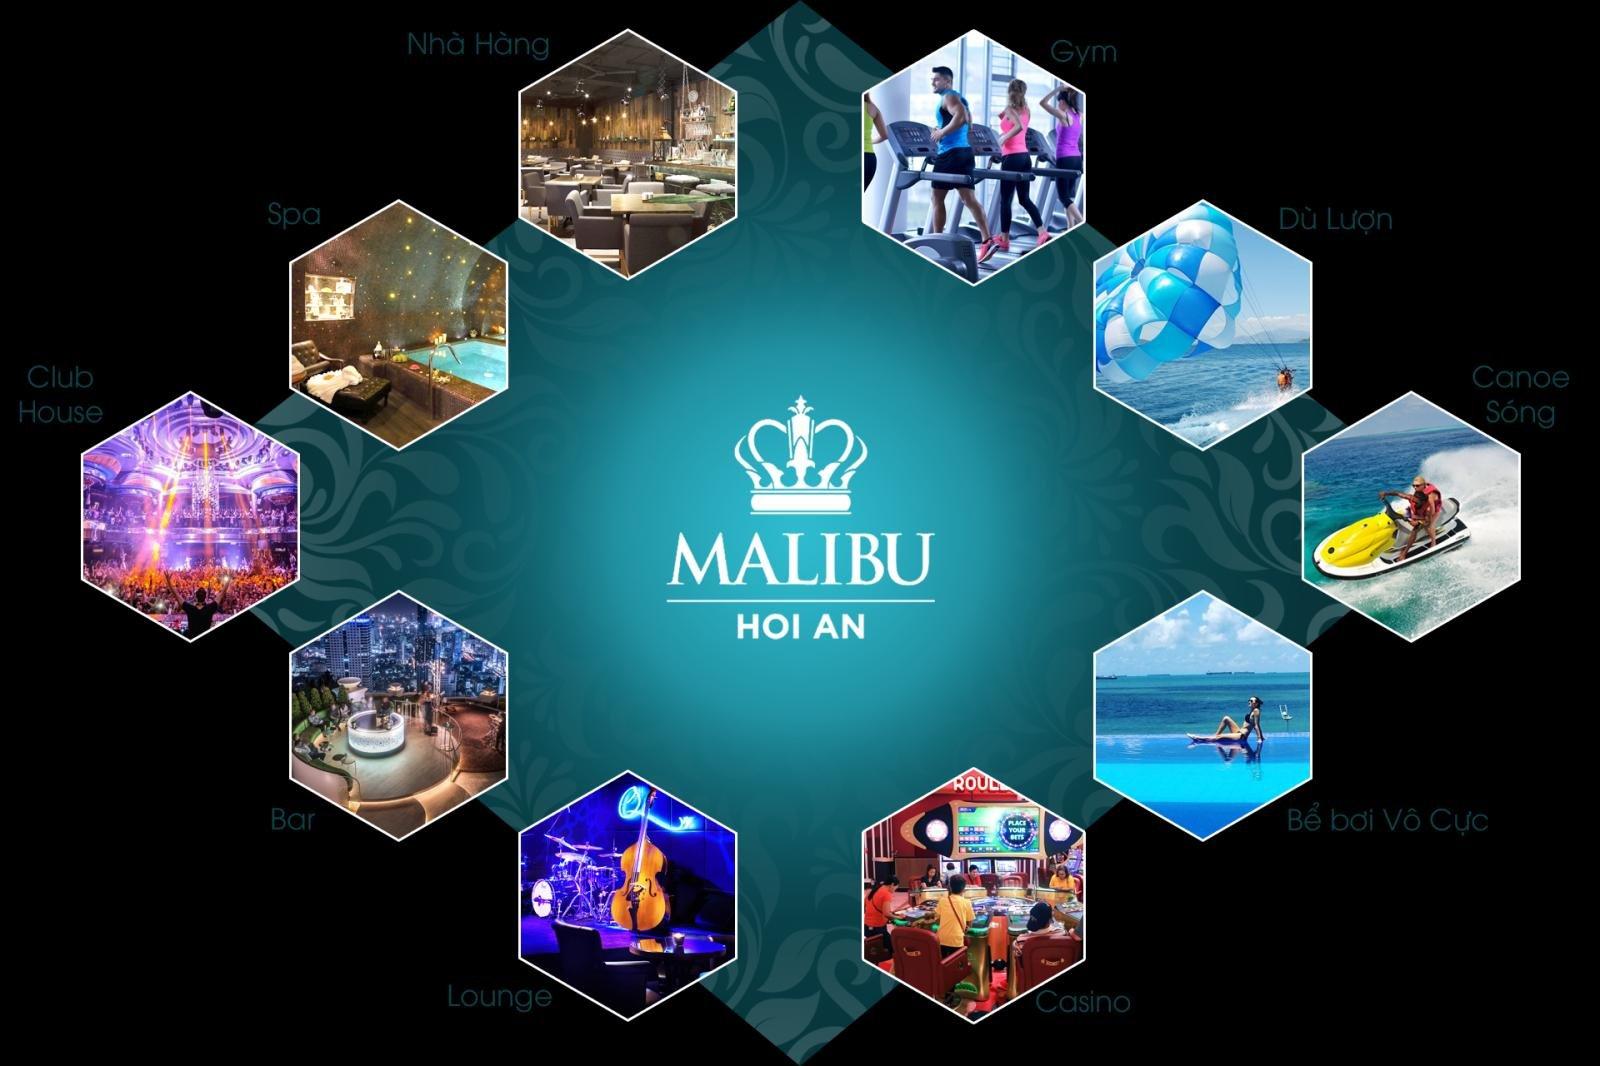 Radisson Blu Hội An (Malibu Hội An)